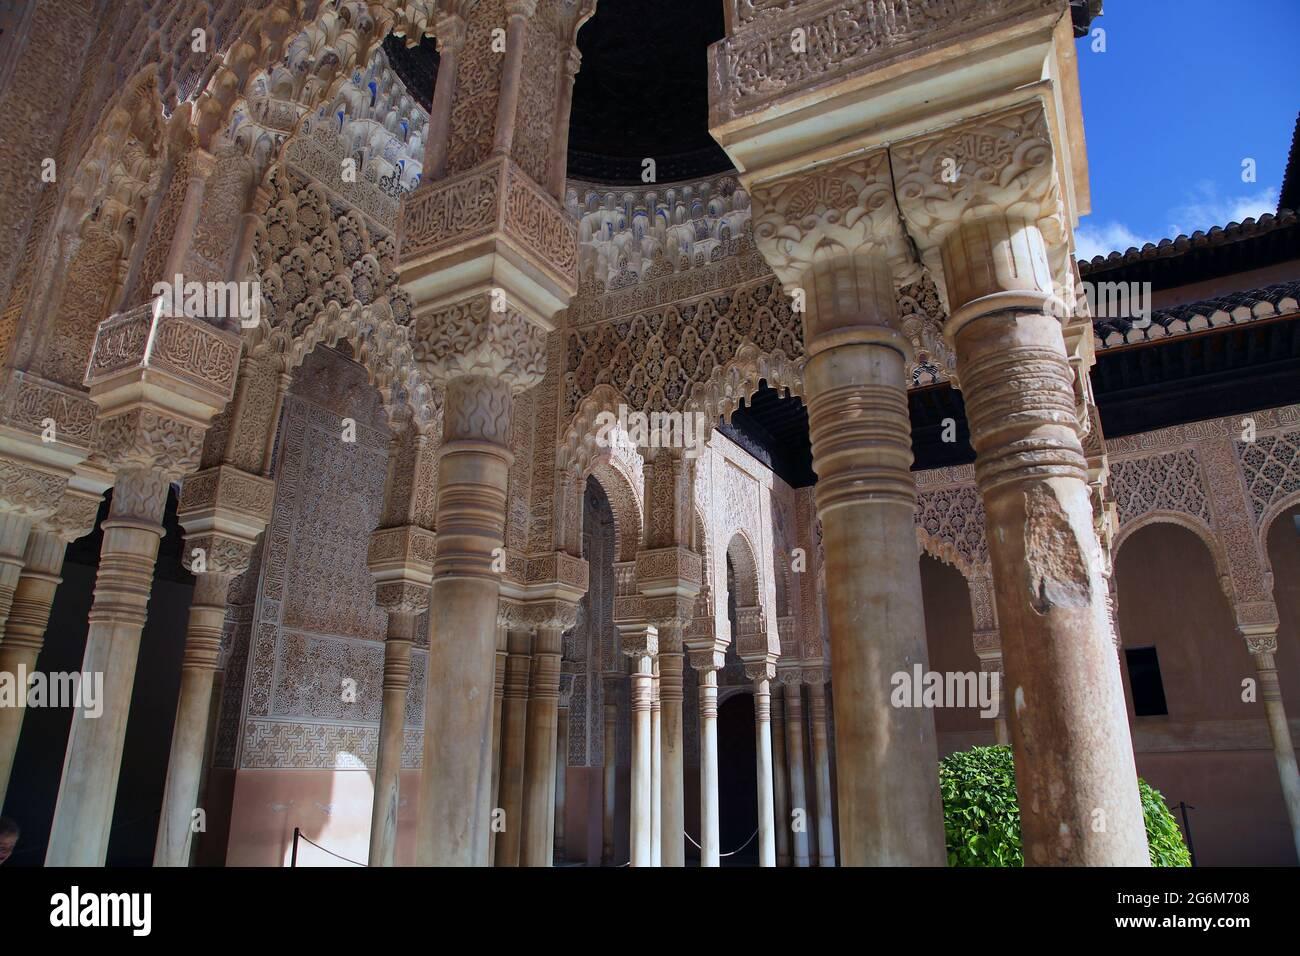 Der Patio der Löwen (Patio de los Leones) der berühmteste Ort der Alhambra in Granada.auf dem Hügel al-Sabika gelegen, Am Ufer des Flusses Darro, in der Stadt Granada und vor den Stadtvierteln der Albaicin und der Alcazaba.ursprünglich als Festung im Jahre 889 n. Chr. erbaut, dann weitgehend ignoriert.in der Mitte des 13. Jahrhunderts vom arabischen Nasridenemir Mohammed ben Al-Ahmar vom Emirat Granada,Who wieder aufgebaut Erbaut seinen heutigen Palast und Mauern.nach der christlichen Reconquista im Jahr 1492, wurde der Ort der königliche Hof von Ferdinand und Isabella Stockfoto